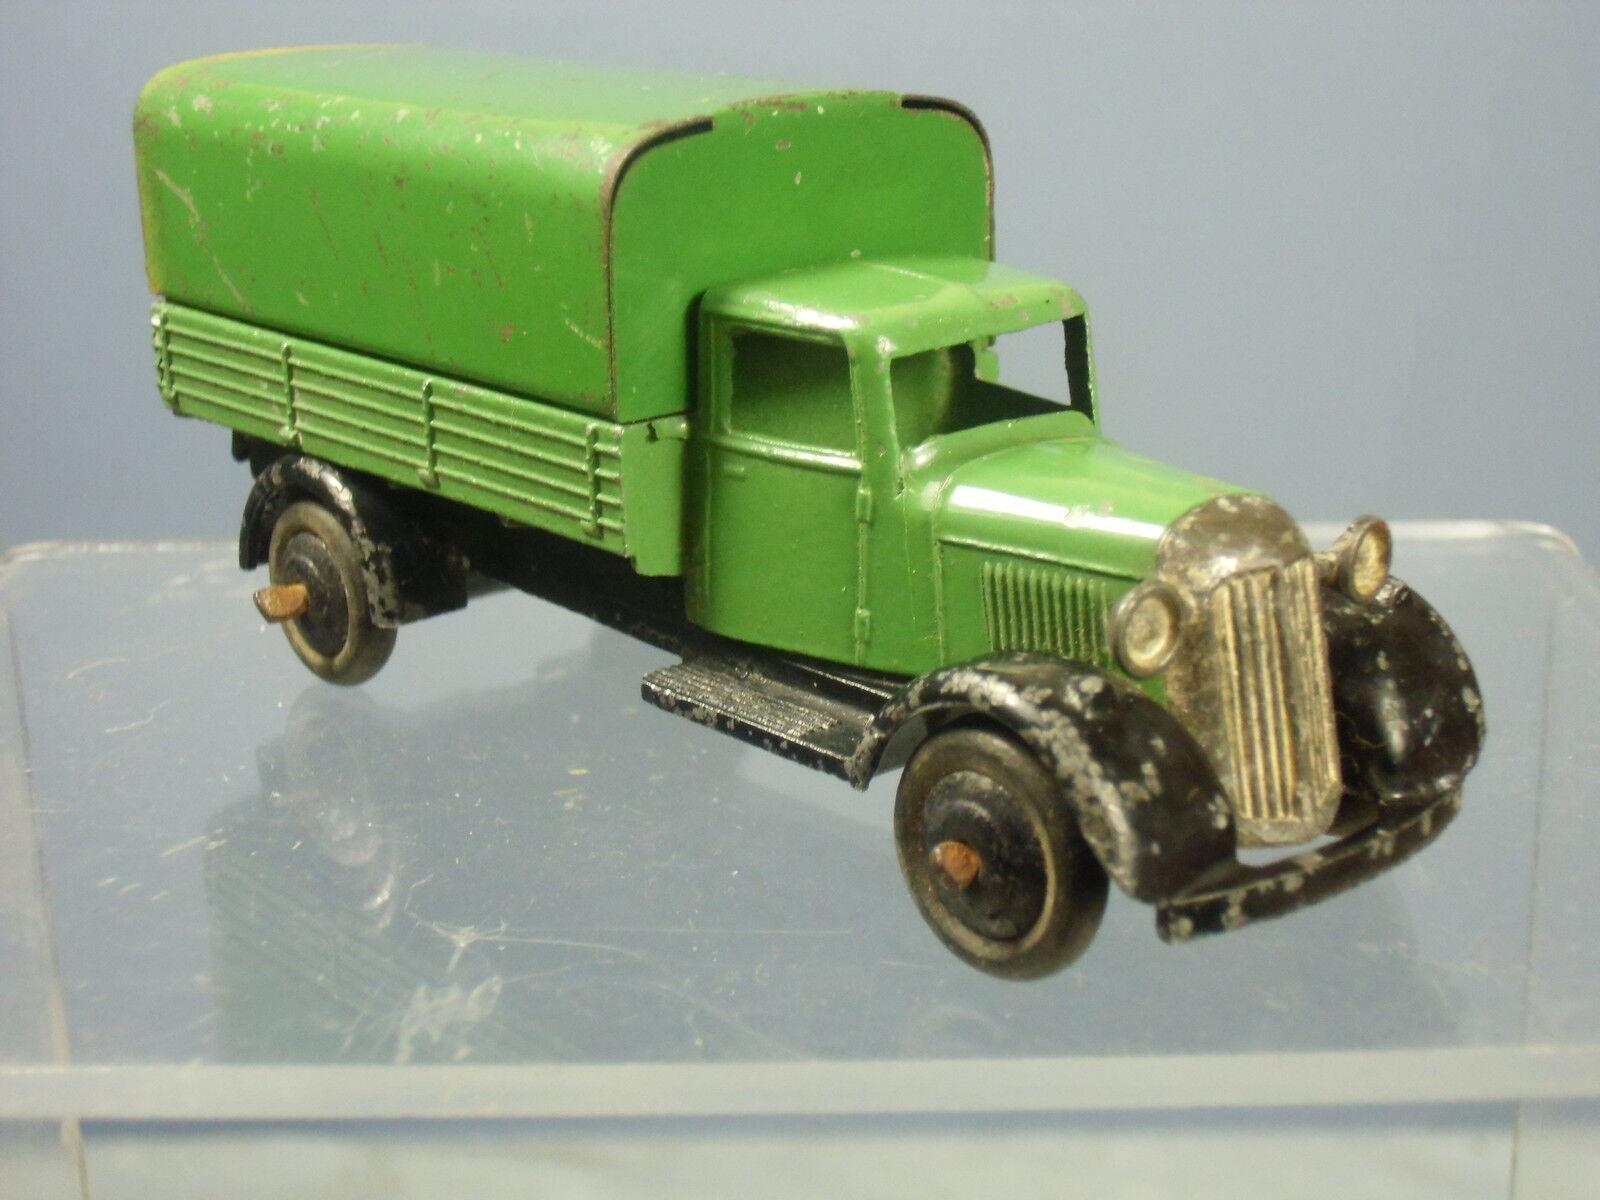 Vintage Dinky Juguetes Modelo No.25b vagón cubierto  verde versión  LOT2